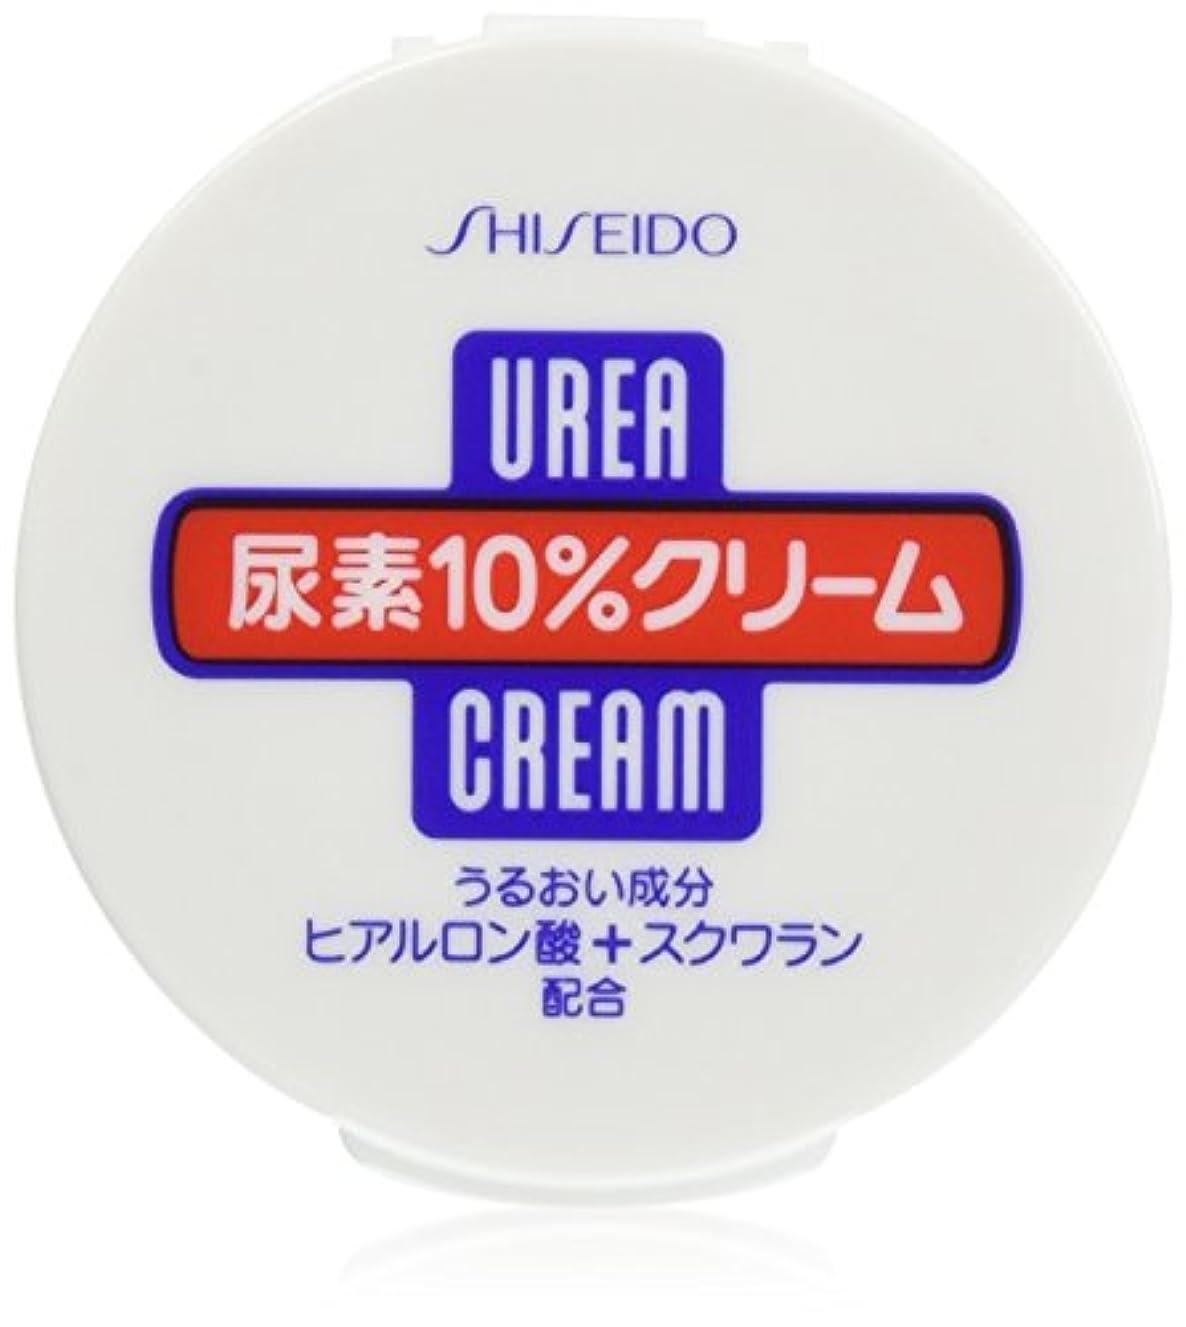 リスキーな唇資料【まとめ買い】 資生堂 尿素10%クリーム ジャータイプ 100g×3個